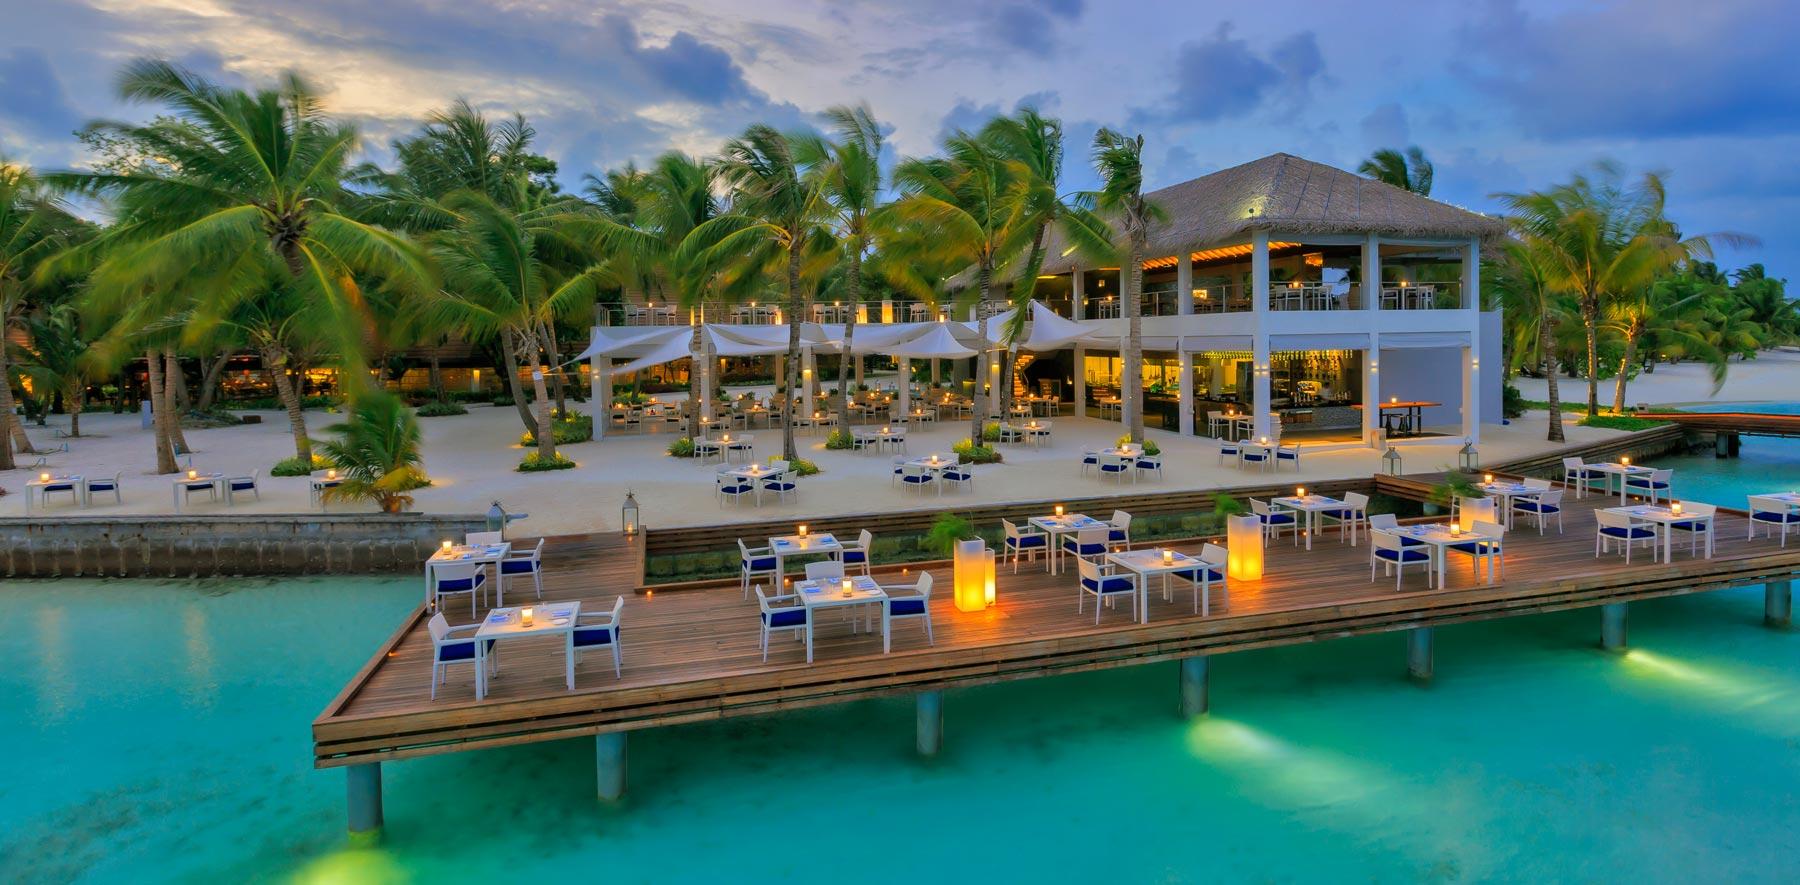 افضل الفنادق المتميزه في السعر في المالديف